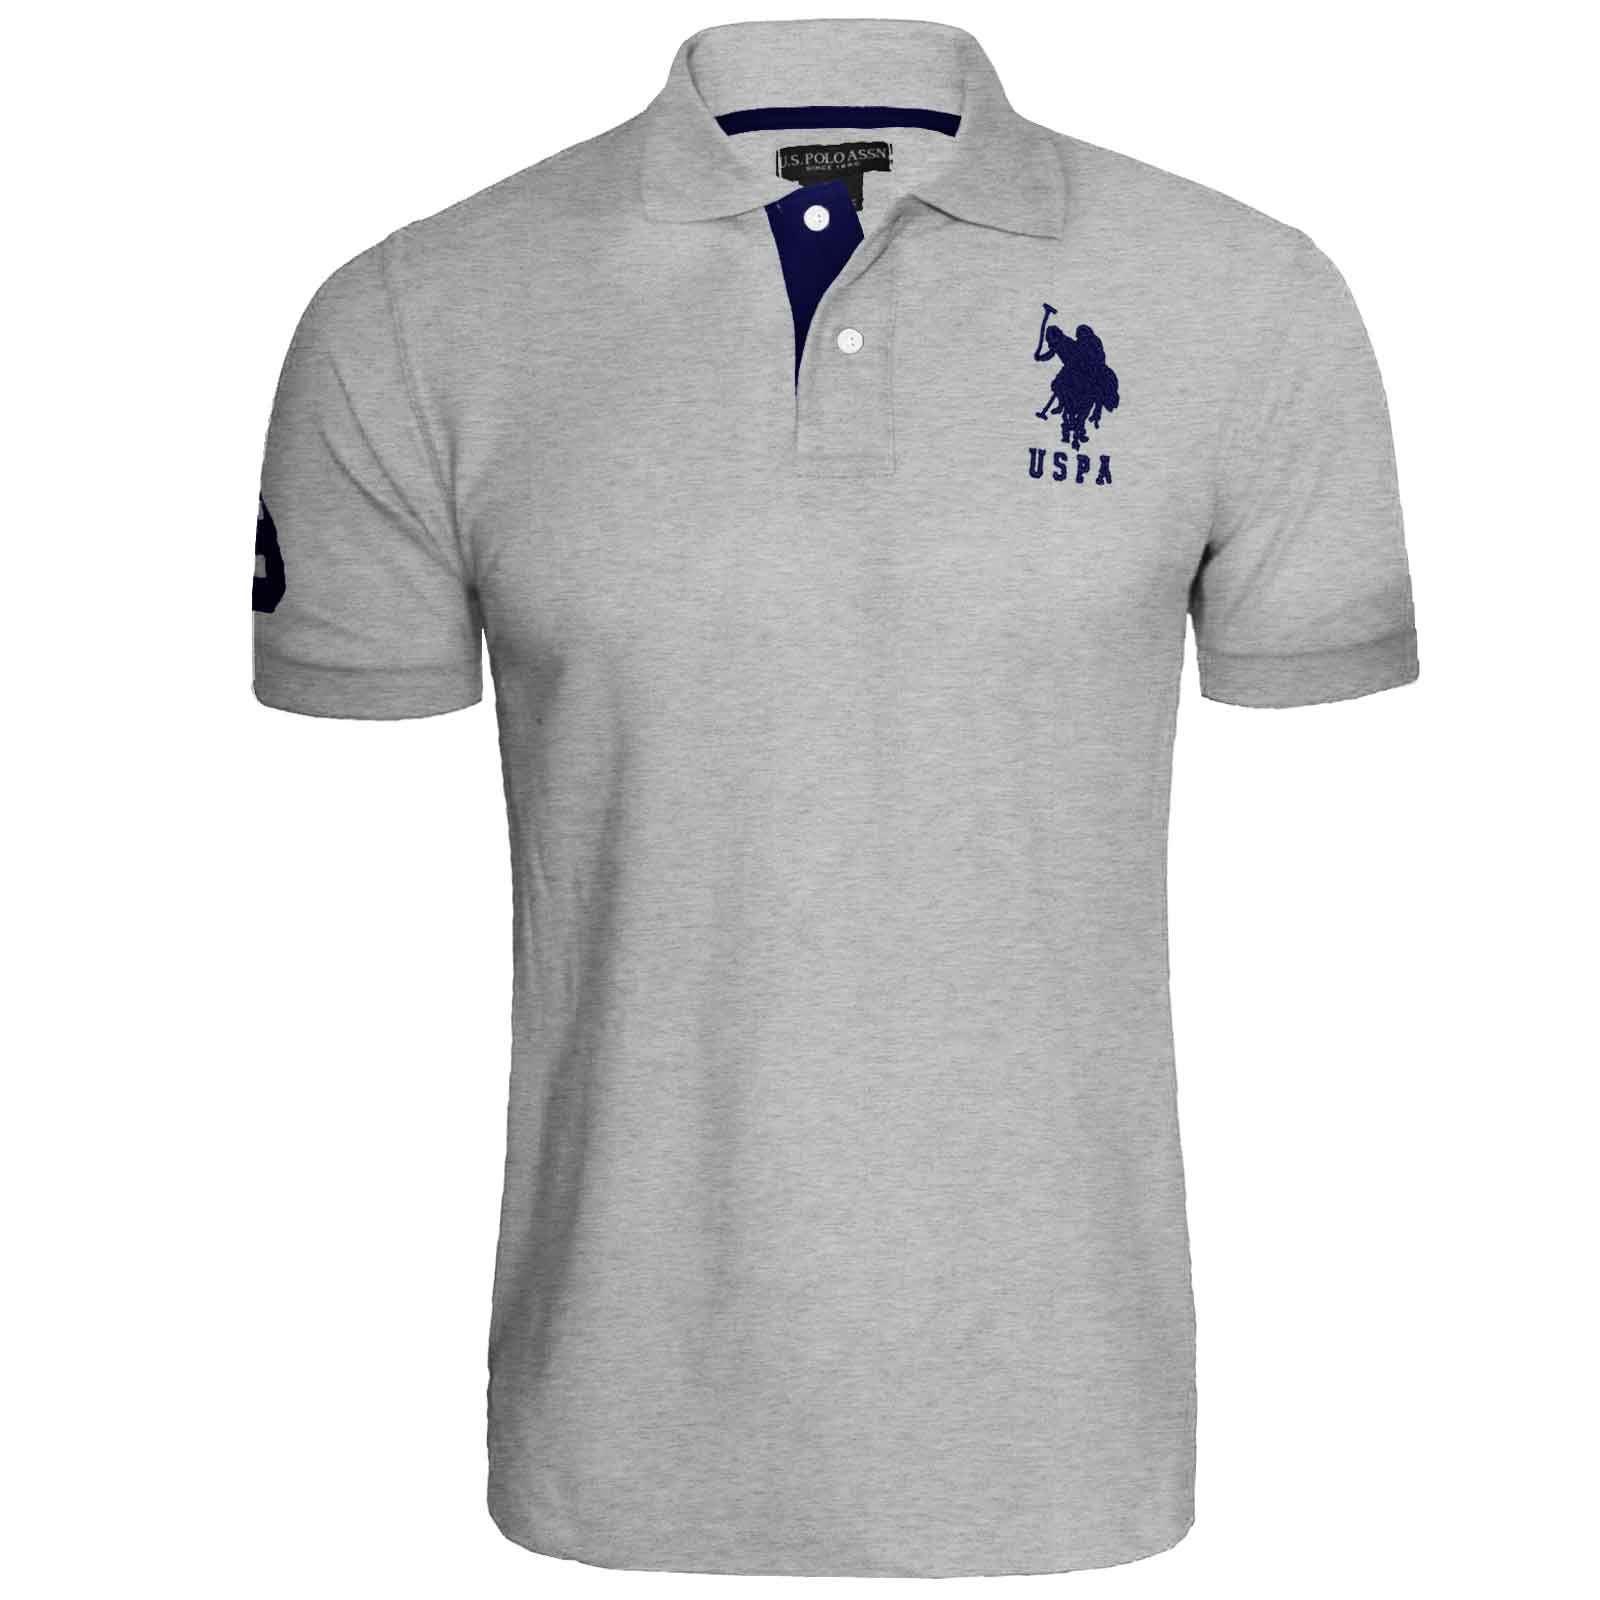 Mens US Polo Assn Pique Shirt Original Top Designer T ...